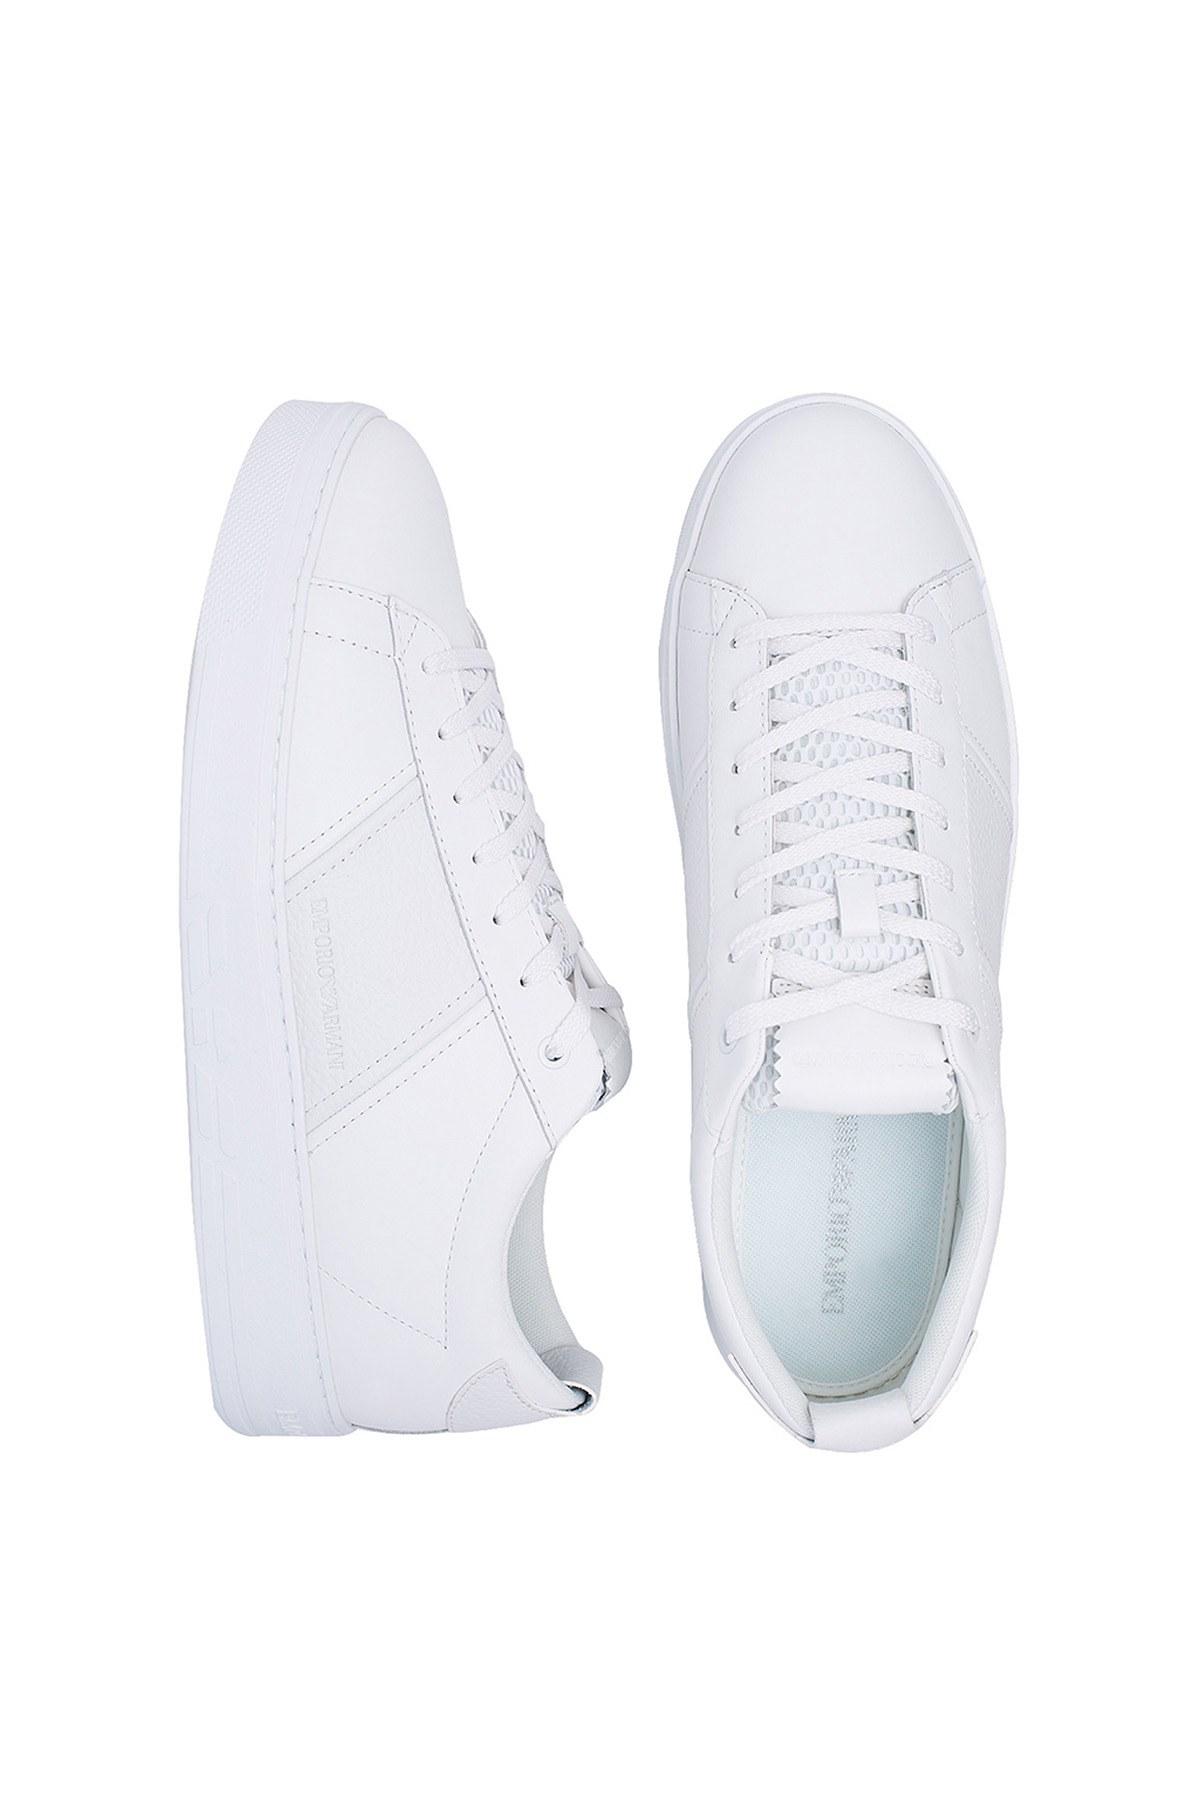 Emporio Armani Erkek Ayakkabı X4X287 XM318 A222 BEYAZ